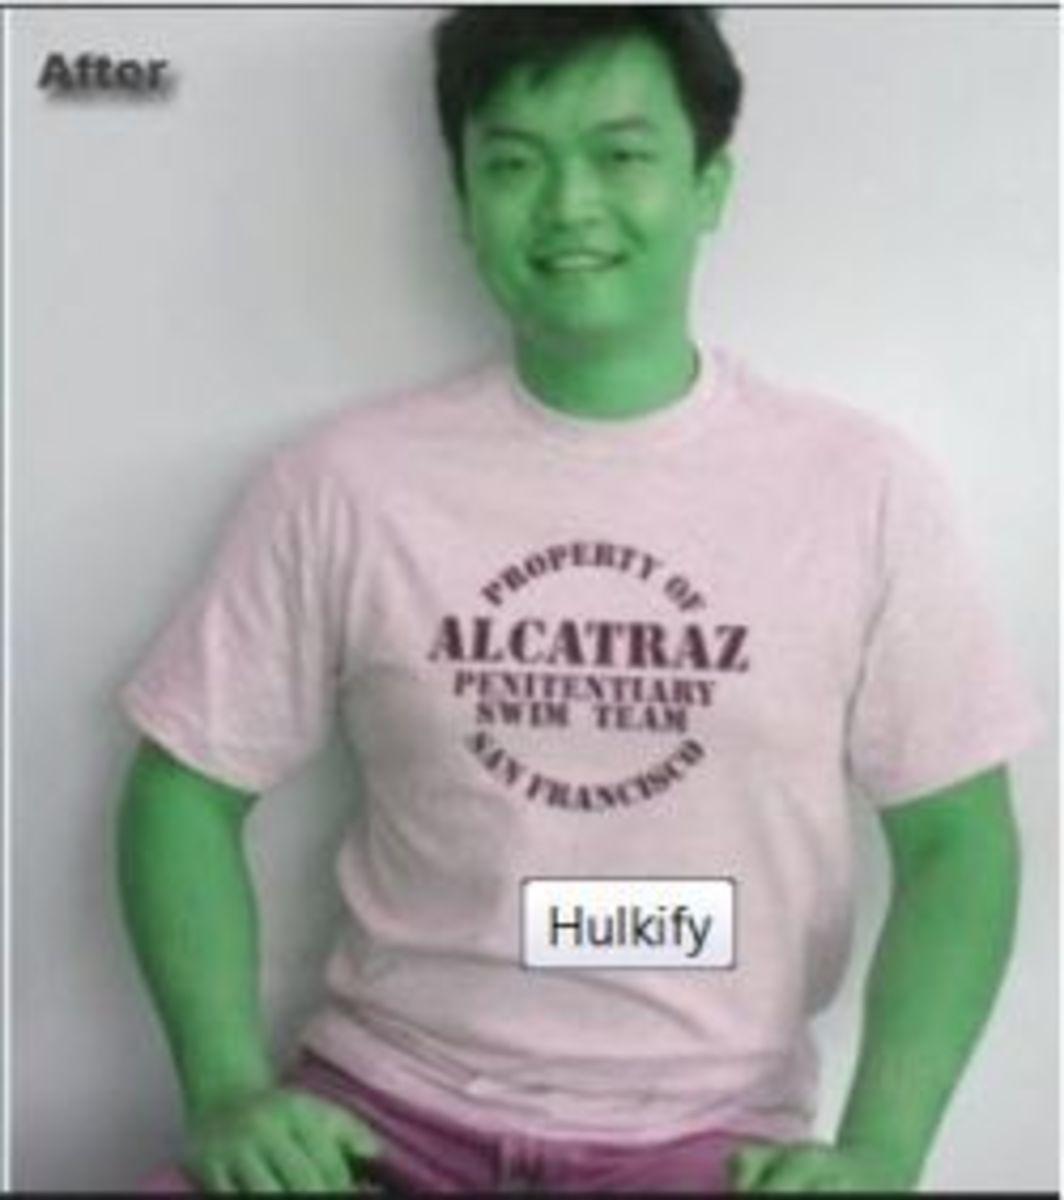 Hulkify